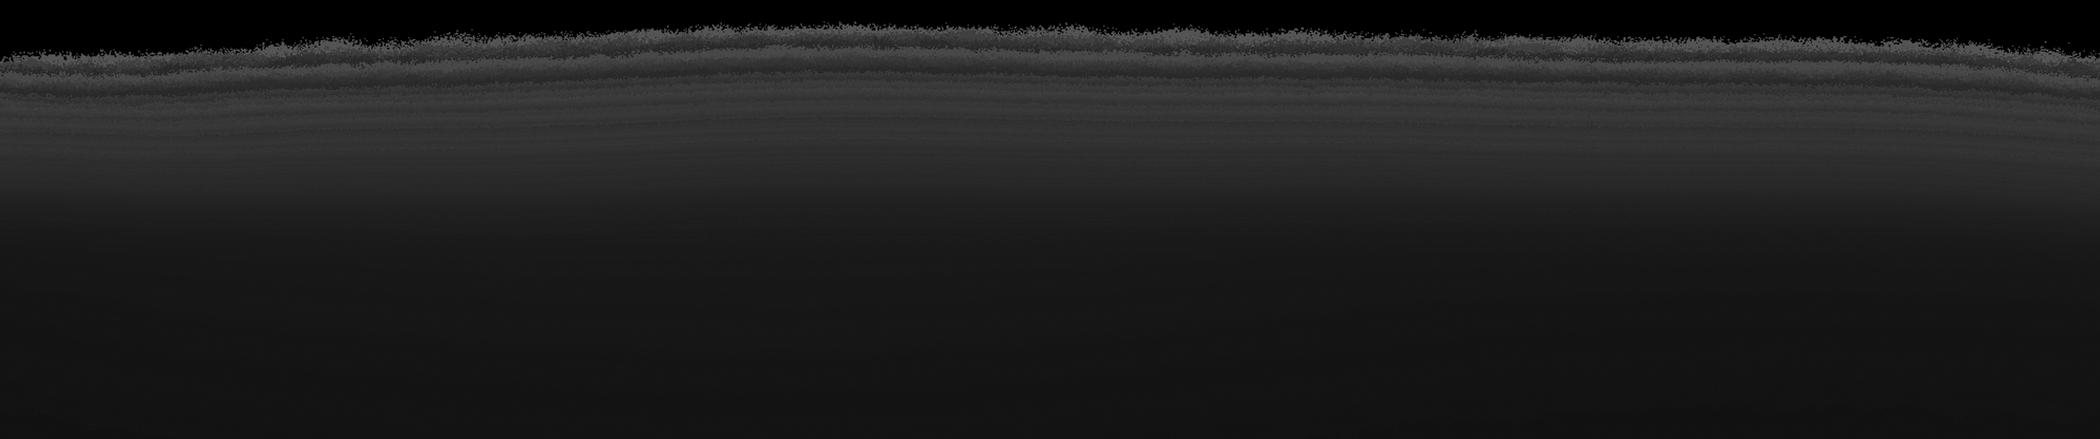 dark gray gradient